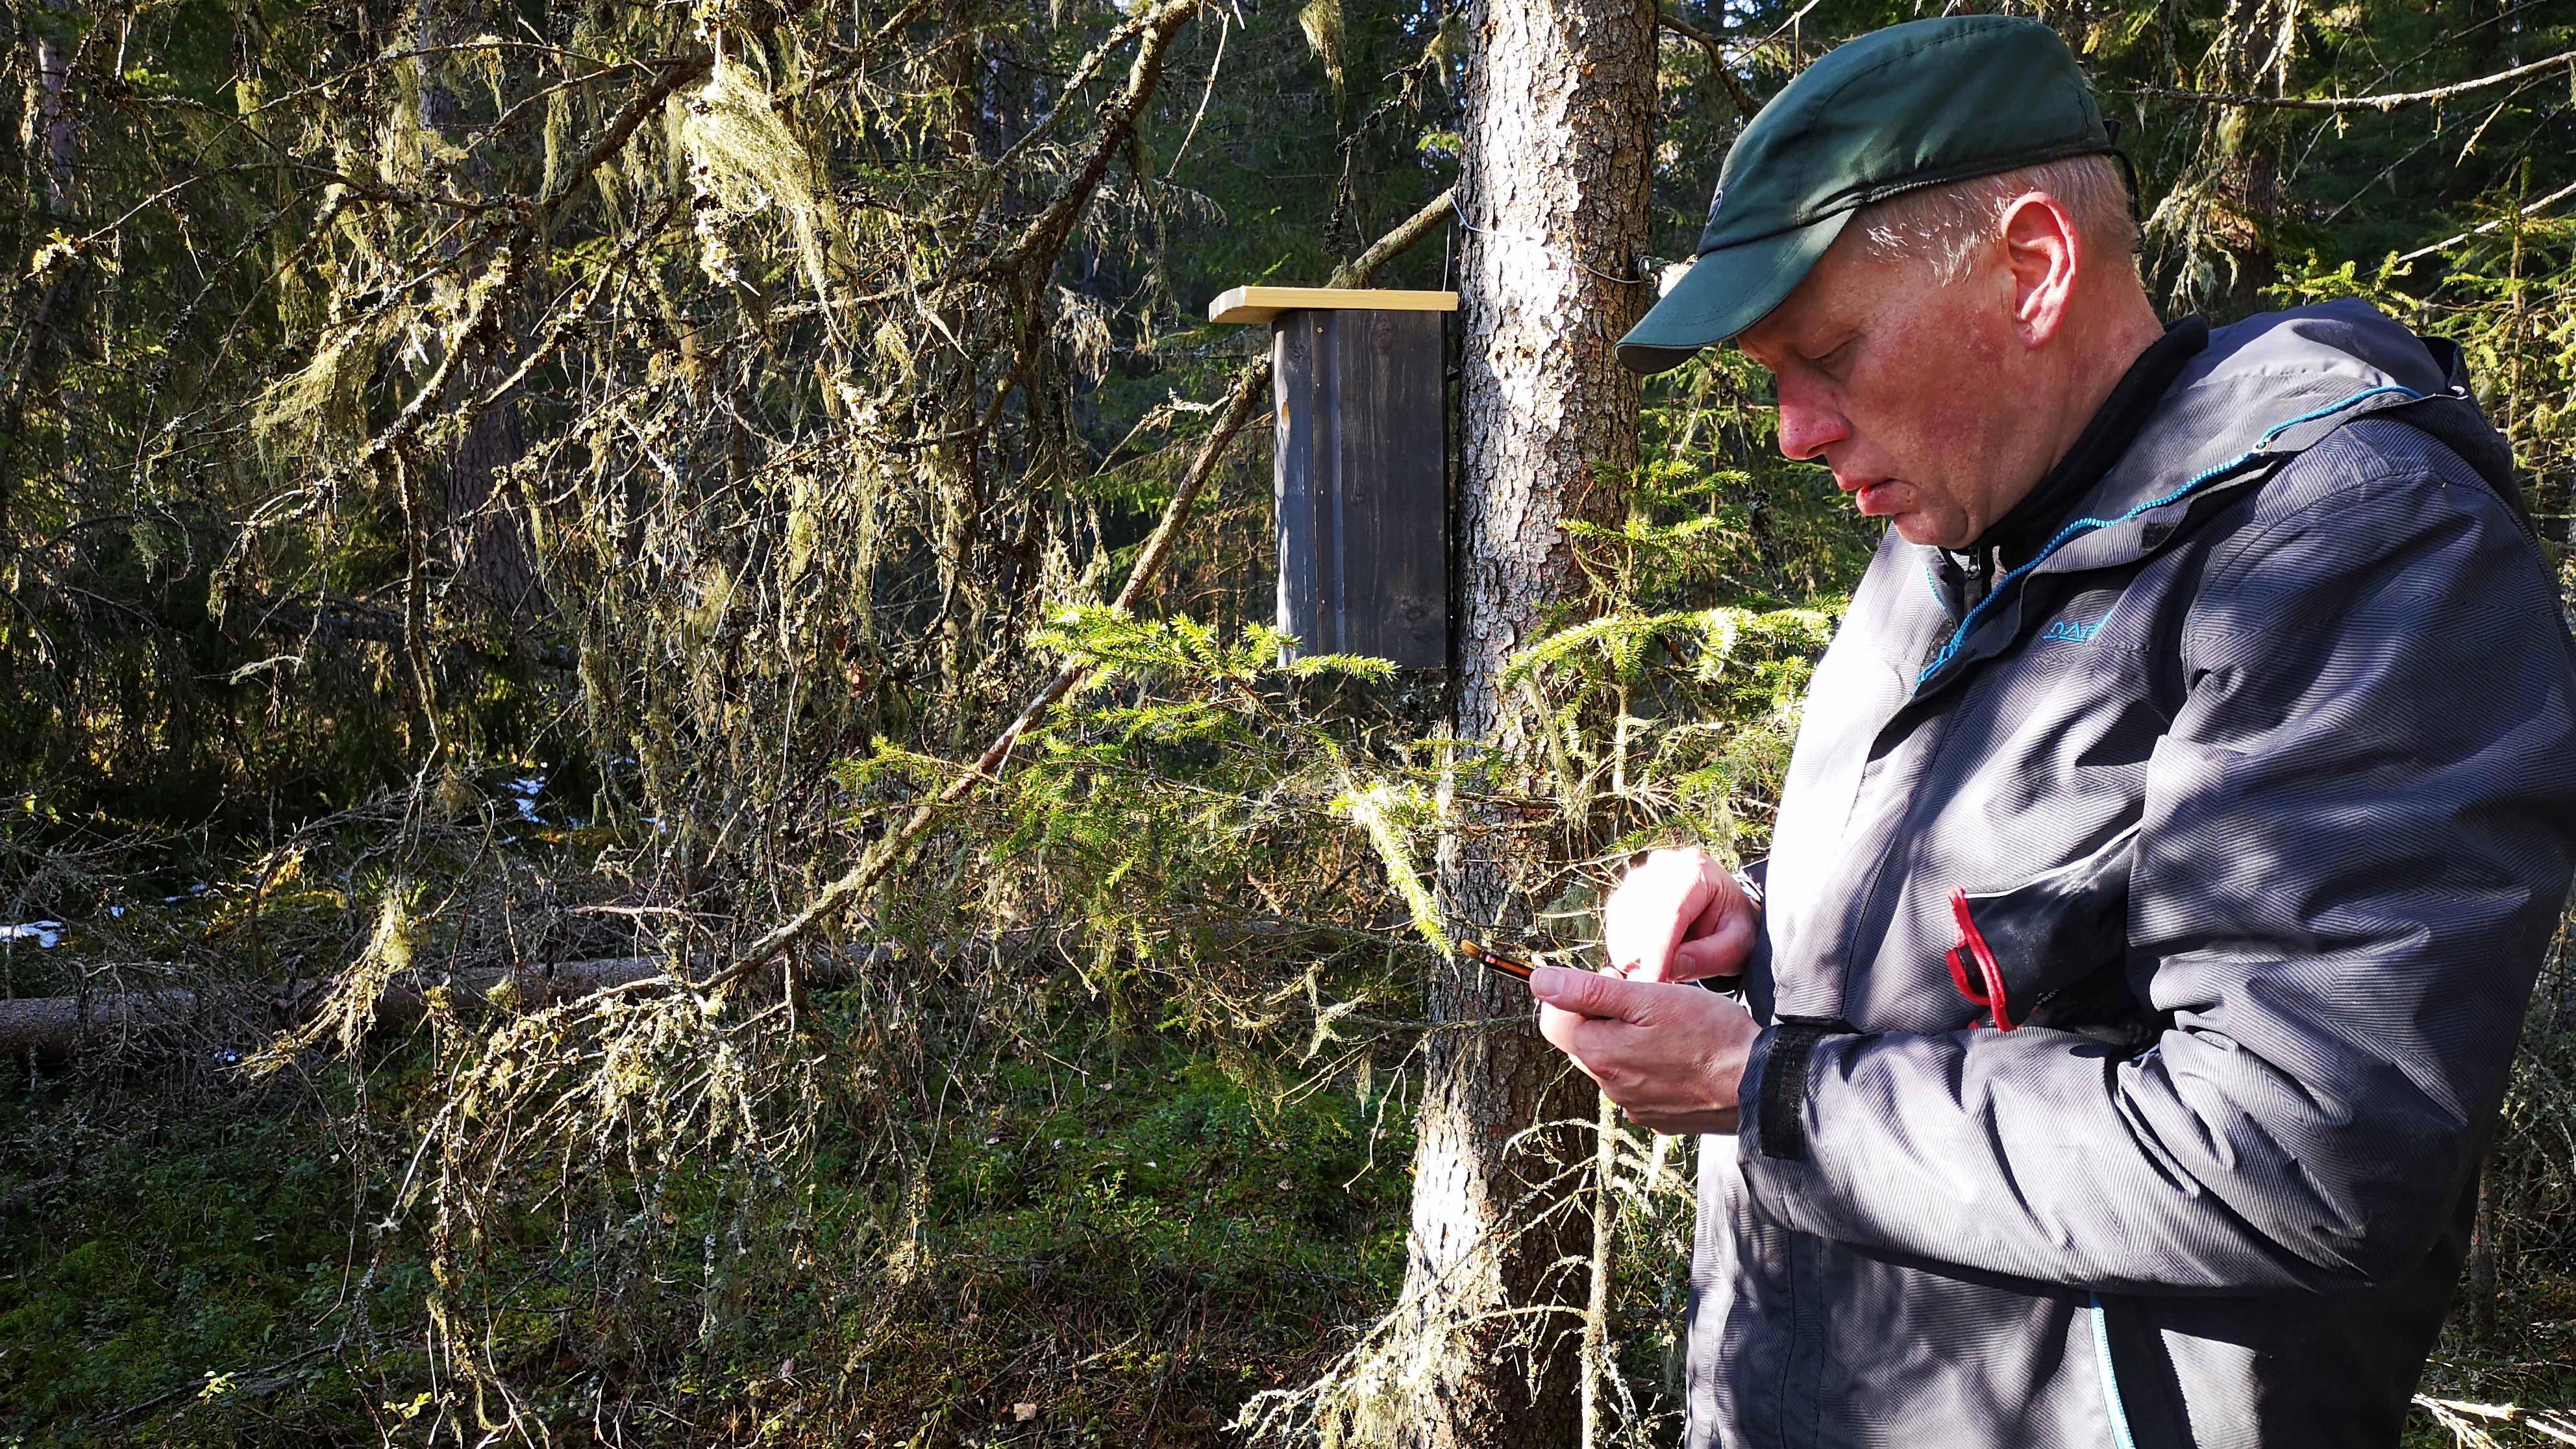 Kälviälänen lintuharrastaja ja partioryhmän vetäjä Jukka Mansikkamäki lataa koordinaatteja vanhaan metsään laitetulle pöntölle.